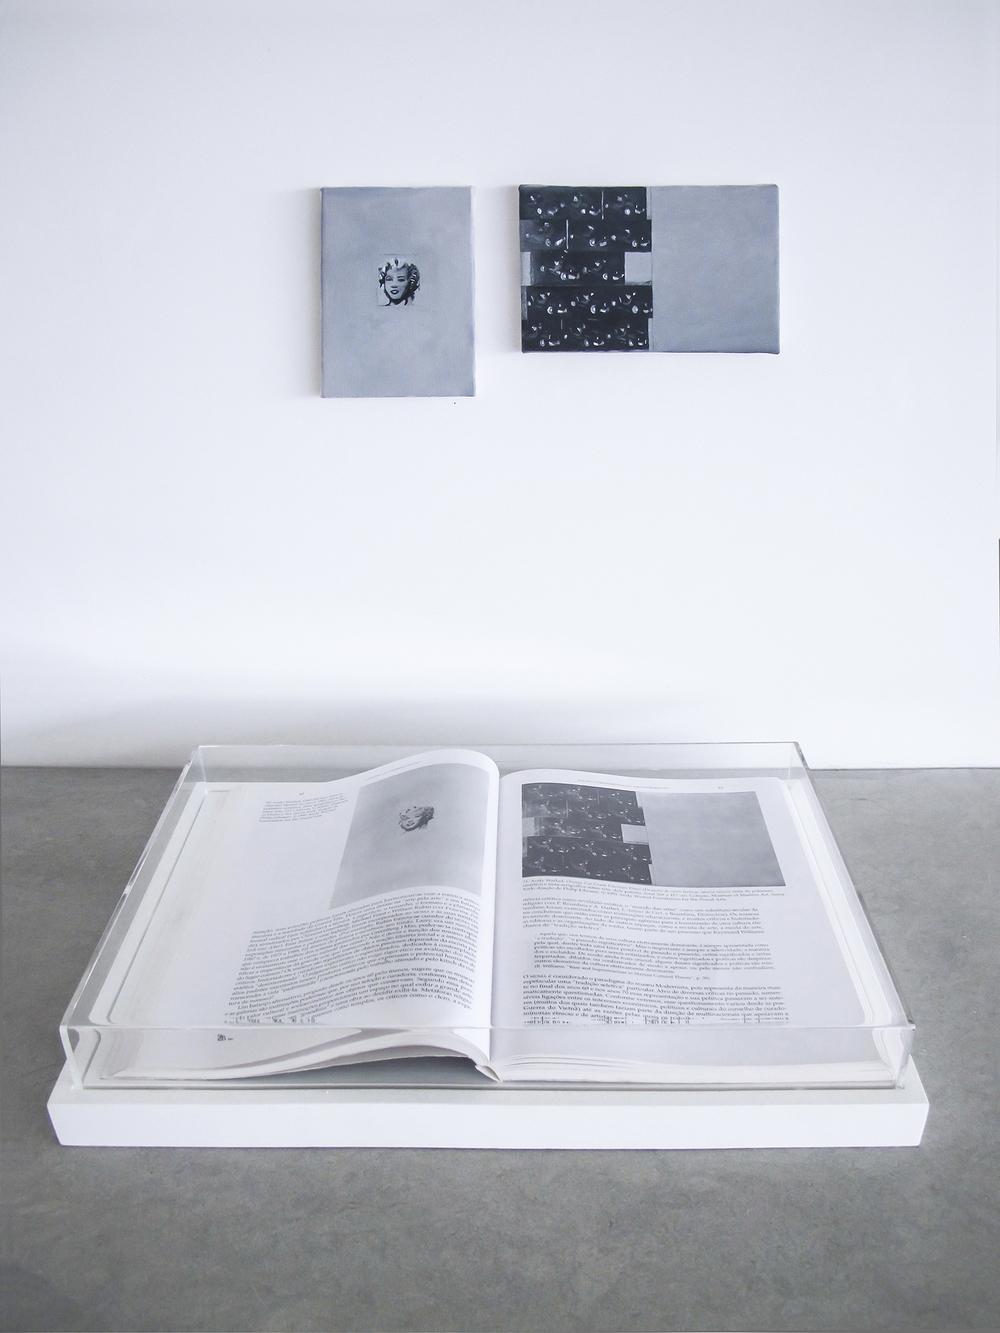 Páginas 80 e 81 (sérieFoiAssimQueMeEnsinaram) •2013 •Livro emoldurado, óleo sobre tela •29 x 43 cm (livro), 13 x 9 cm, 10 x 15,5 cm